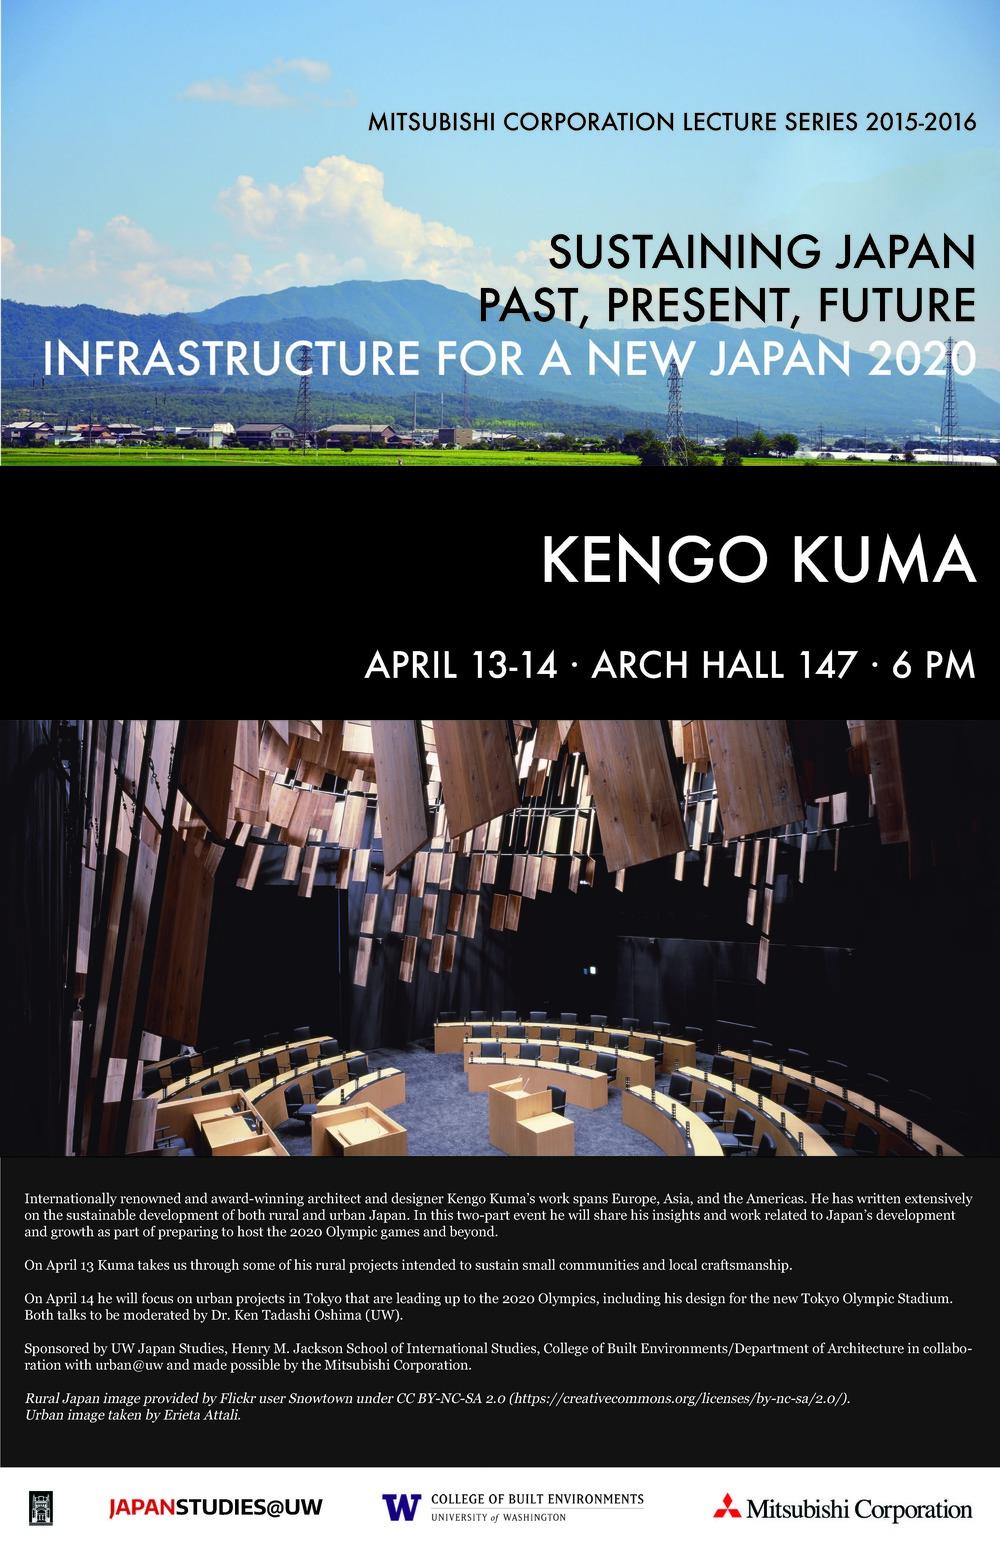 Kengo Kuma 11 x 17 A.jpg